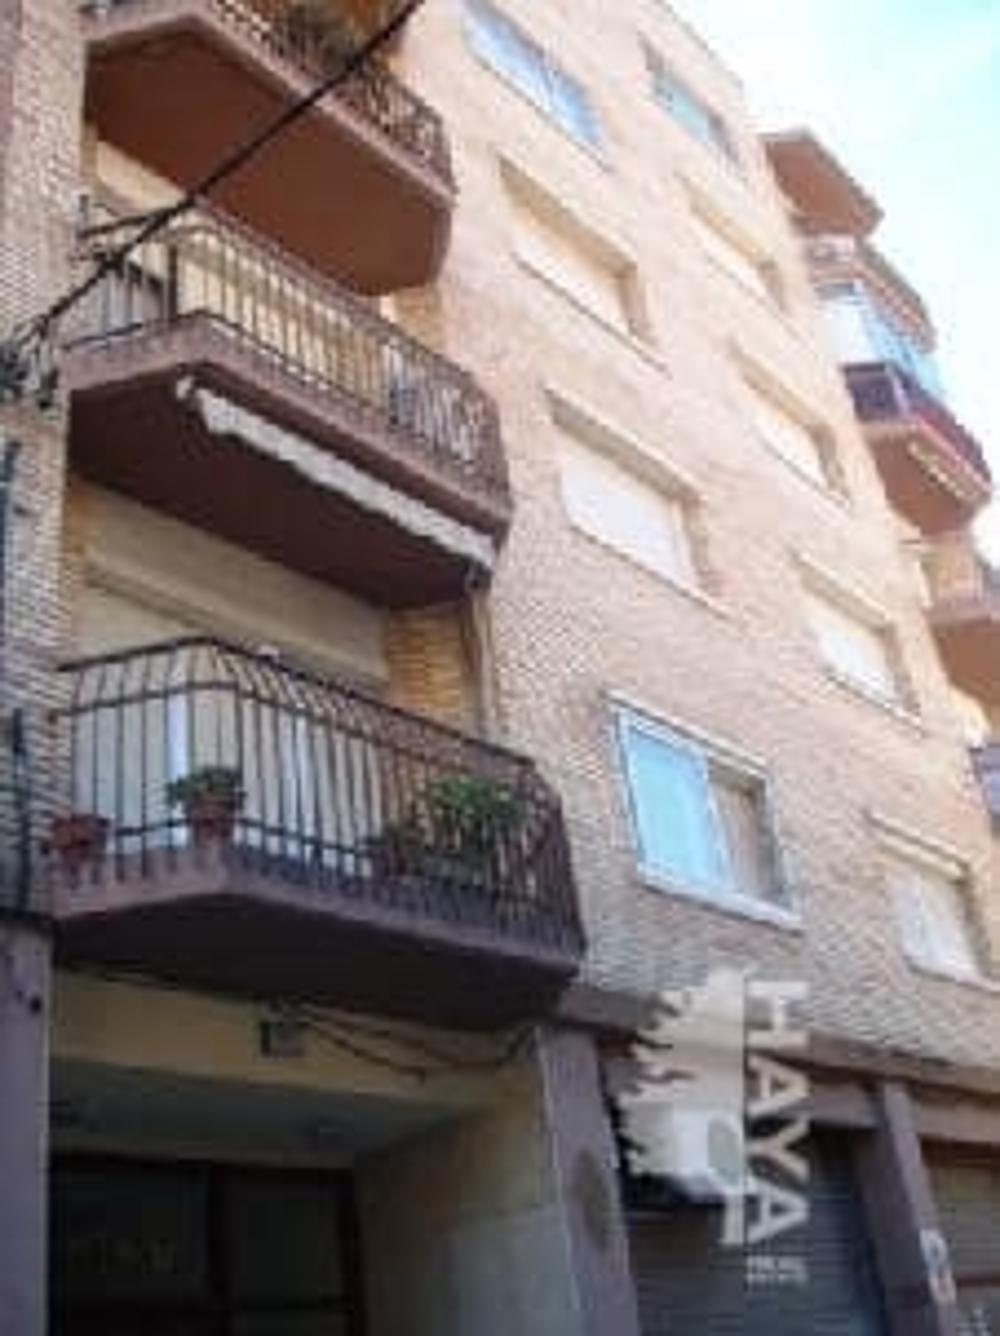 barri sant josep obrer i mercader 43204 tarragona lägenhet foto 3674004